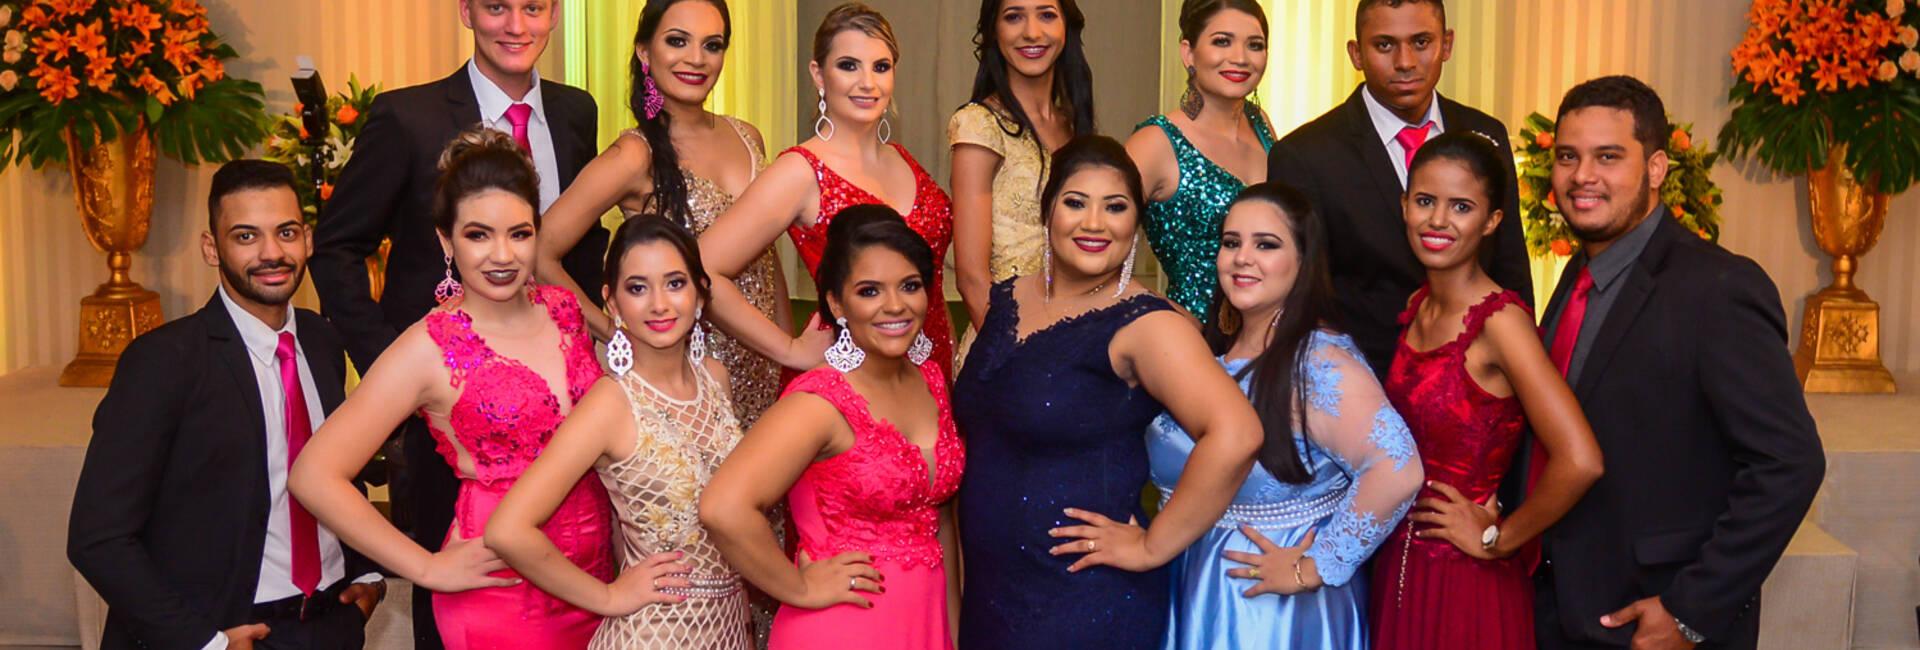 Baile de Gala de Faculdade Unifama